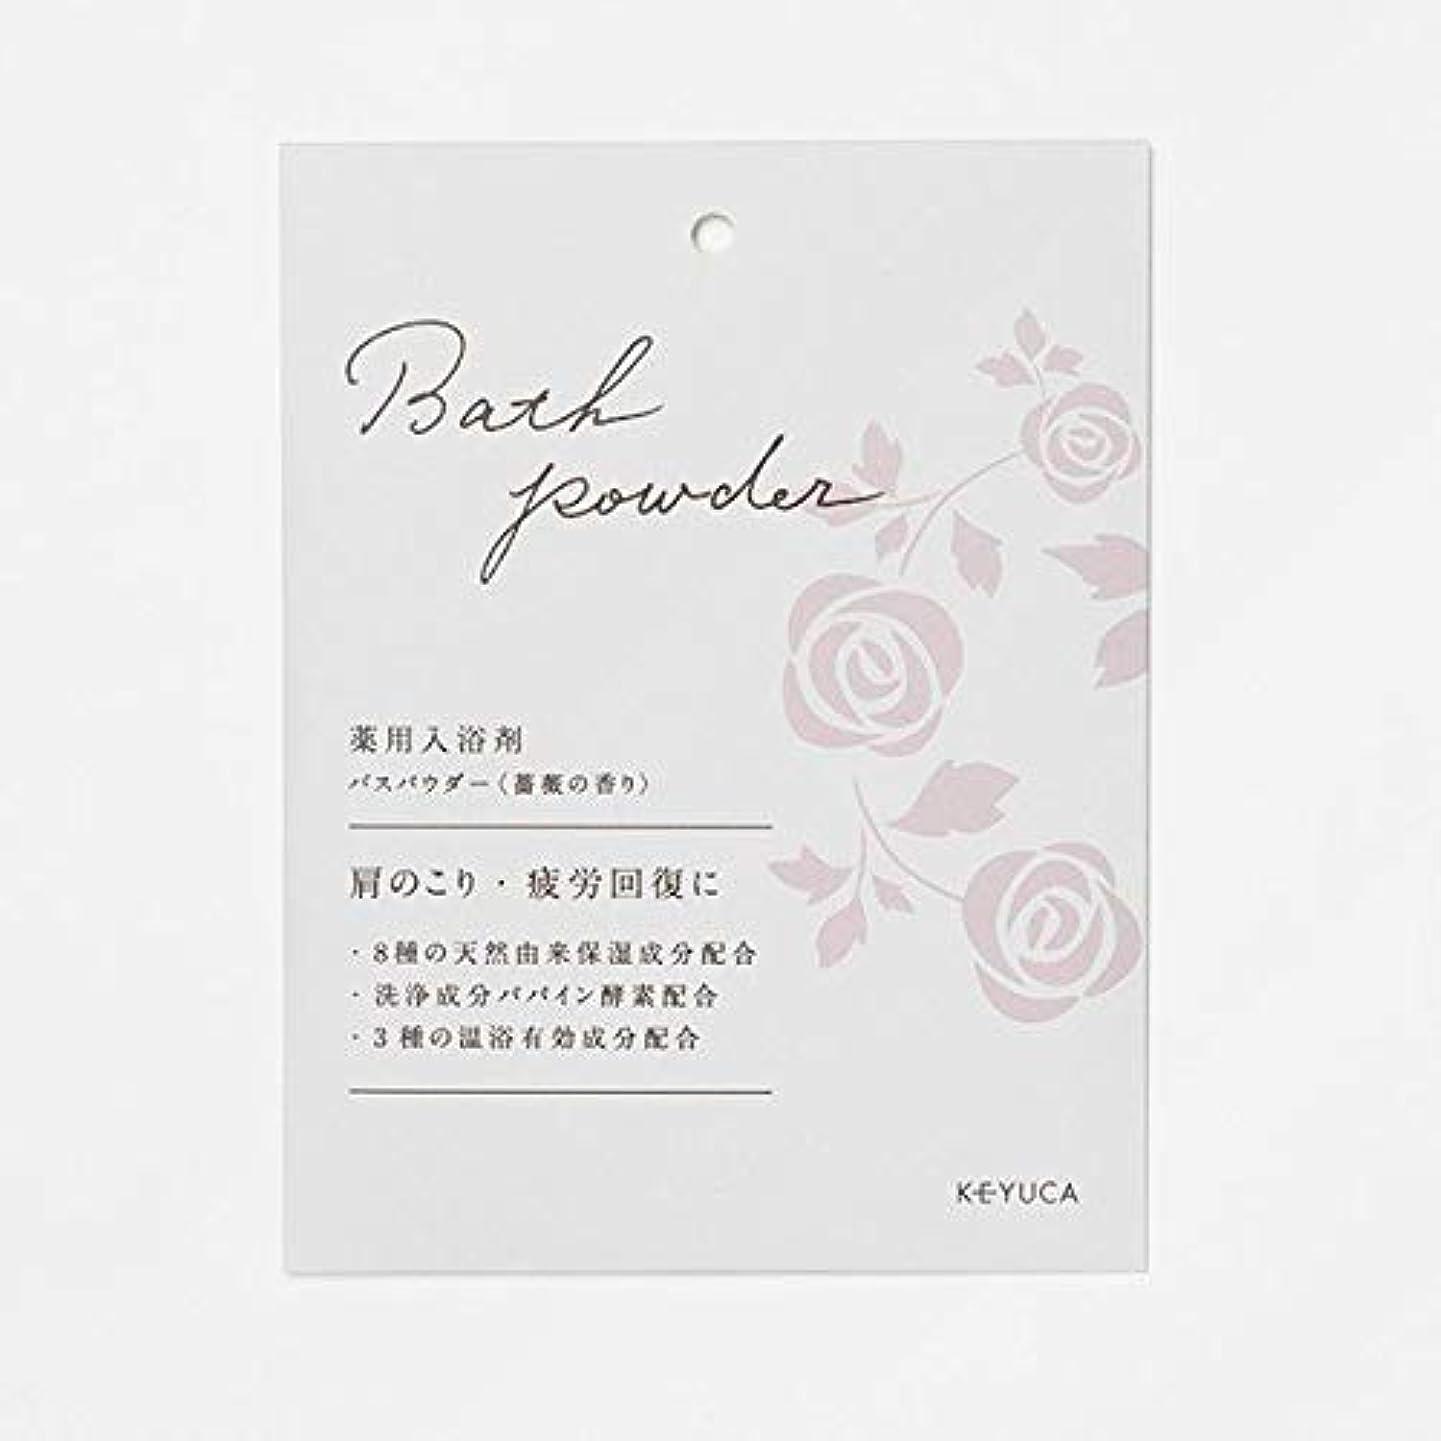 篭約クリケットKEYUCA(ケユカ) 薬用 バスパウダー 薔薇